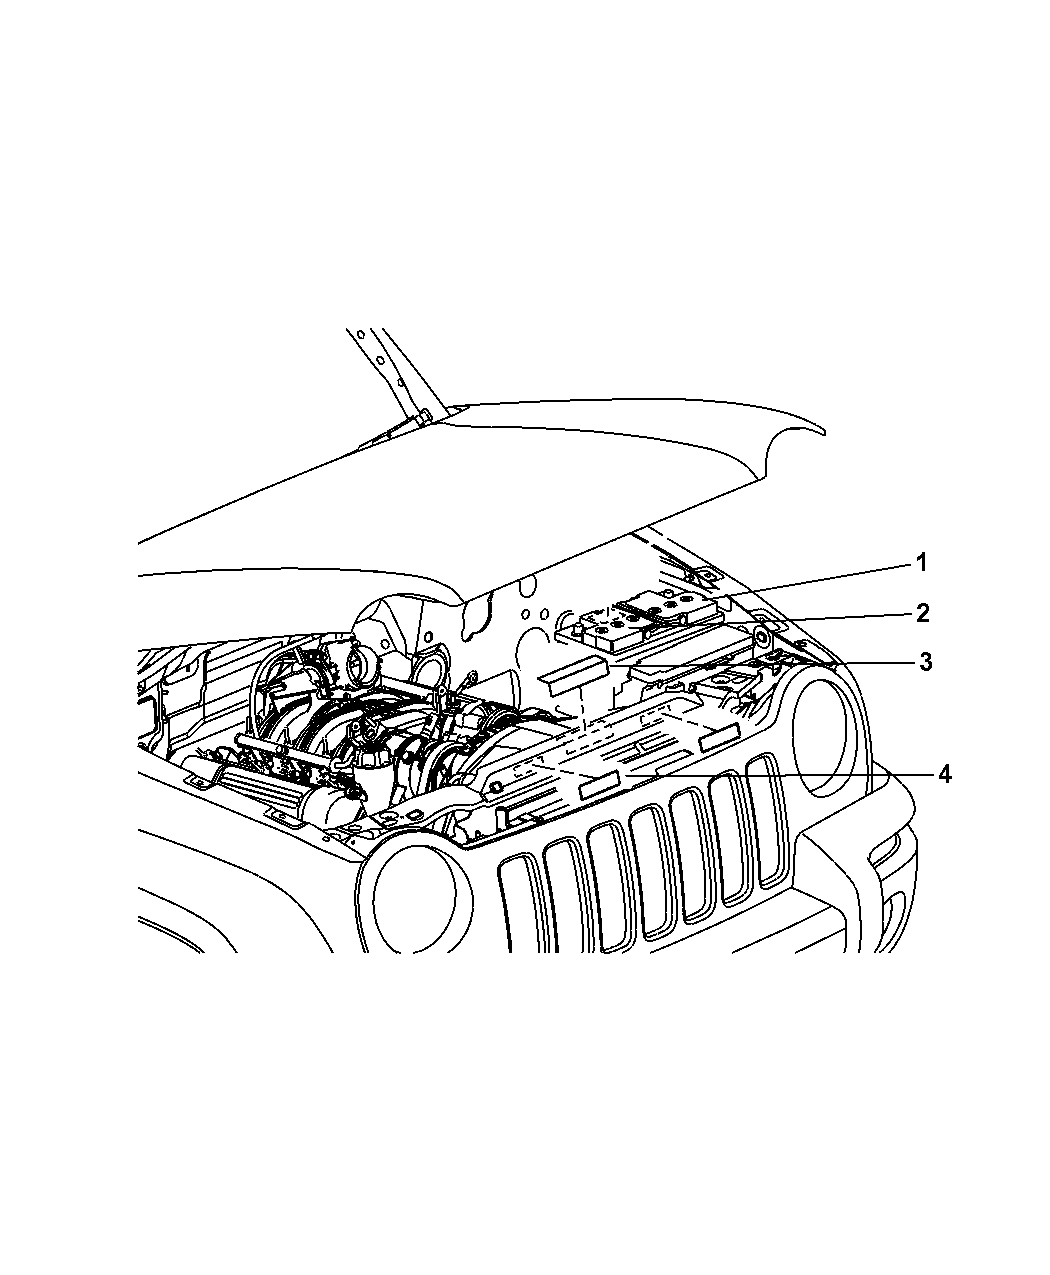 2008 Jeep Wrangler Engine Compartment Mopar Parts Giant Diagram